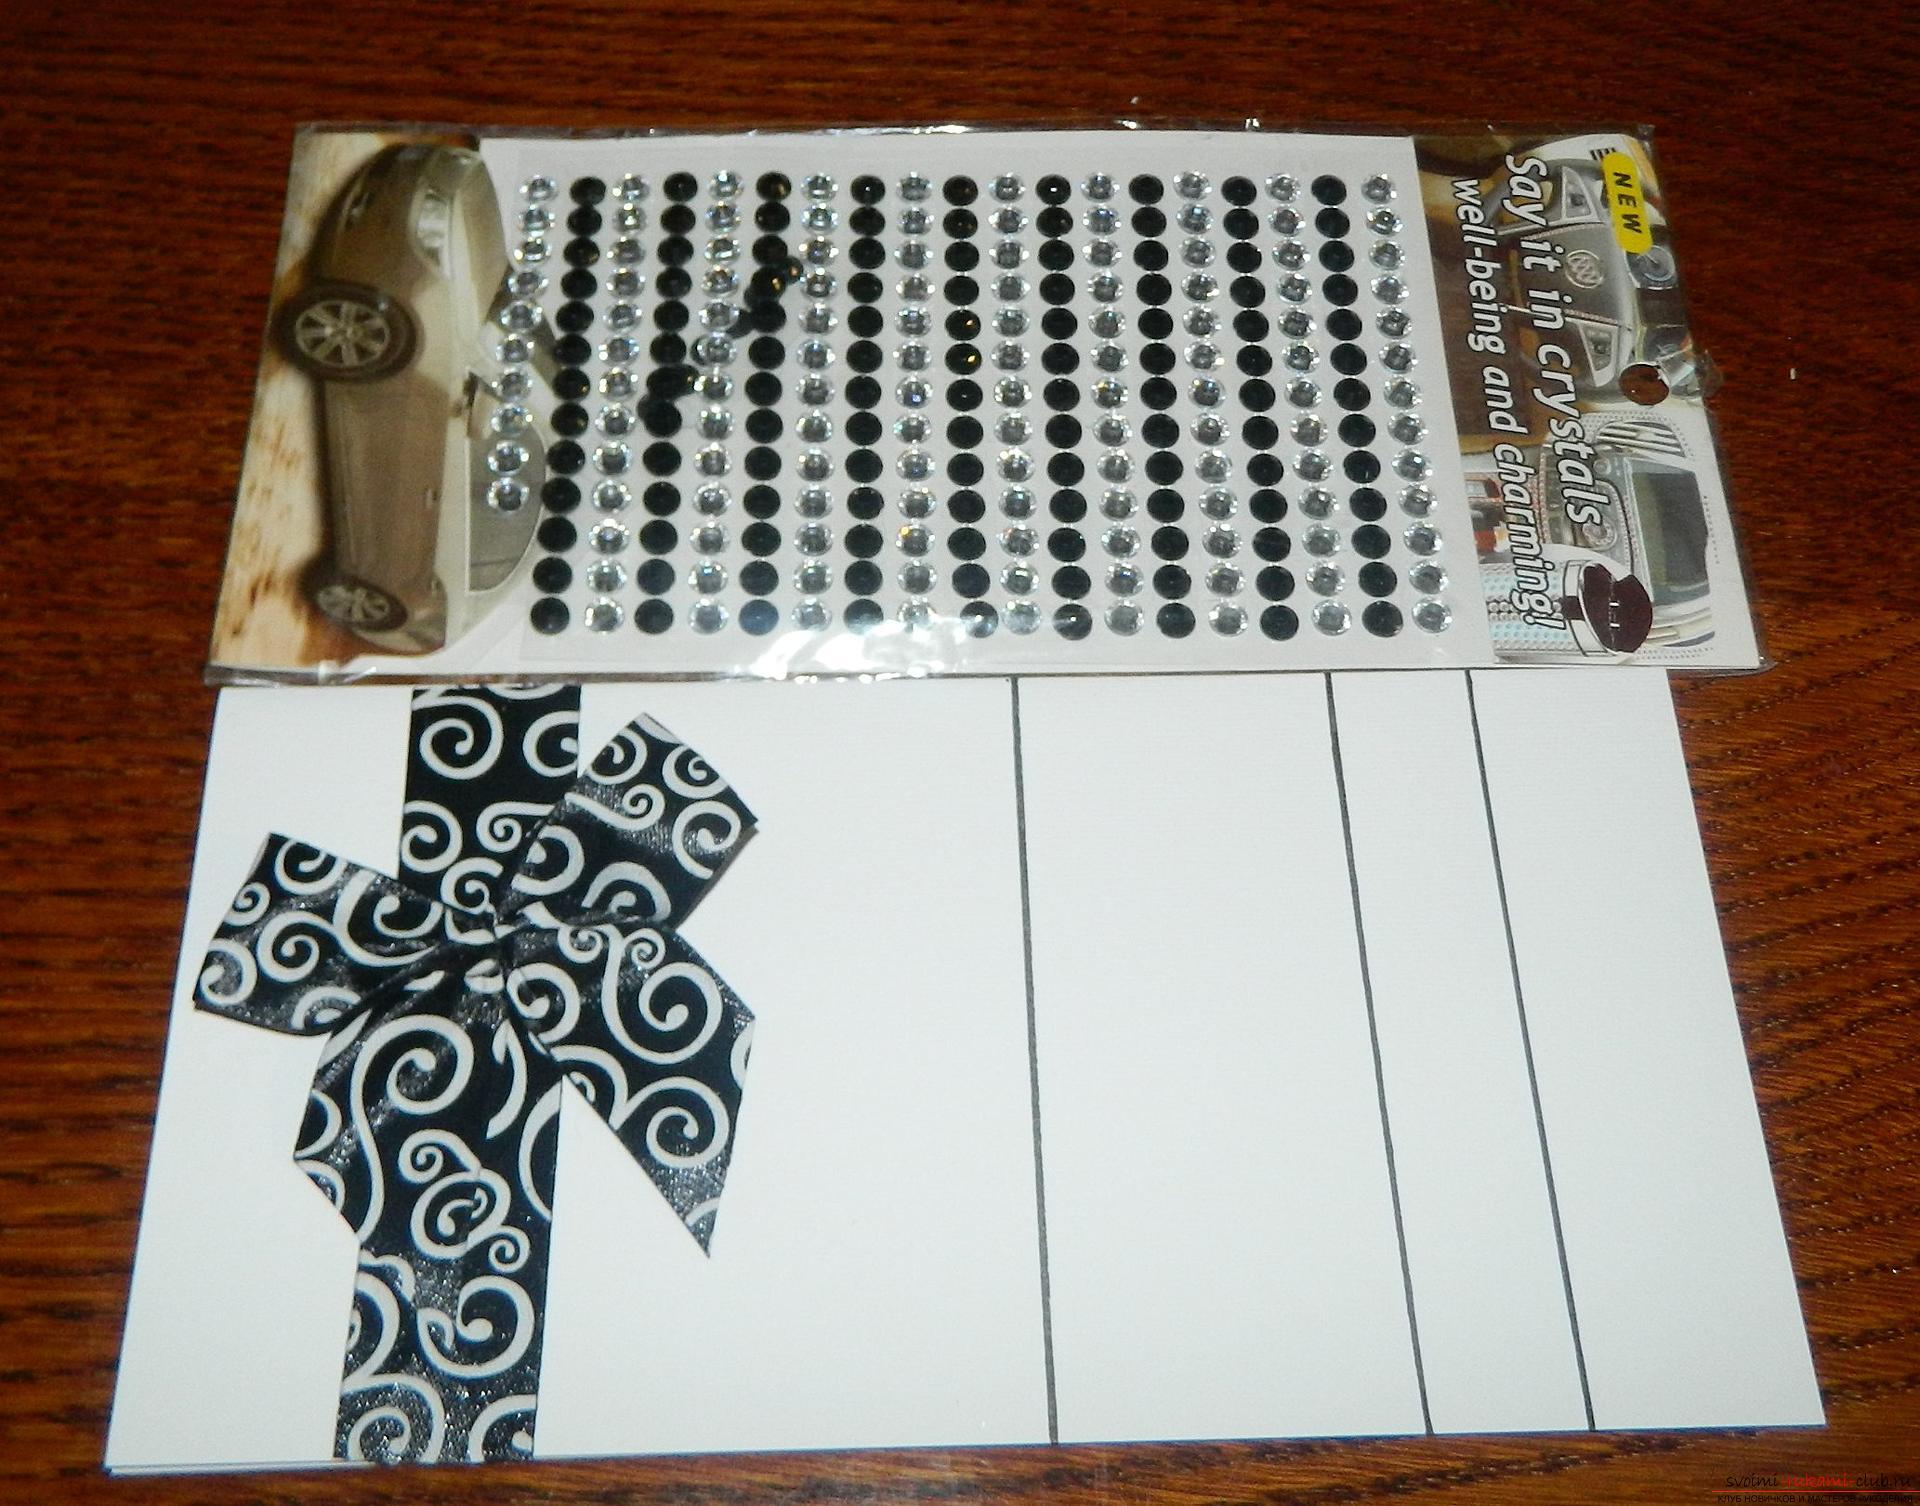 Этот мастер-класс покажет как сделать красивые открытки своими руками.. Фото №6